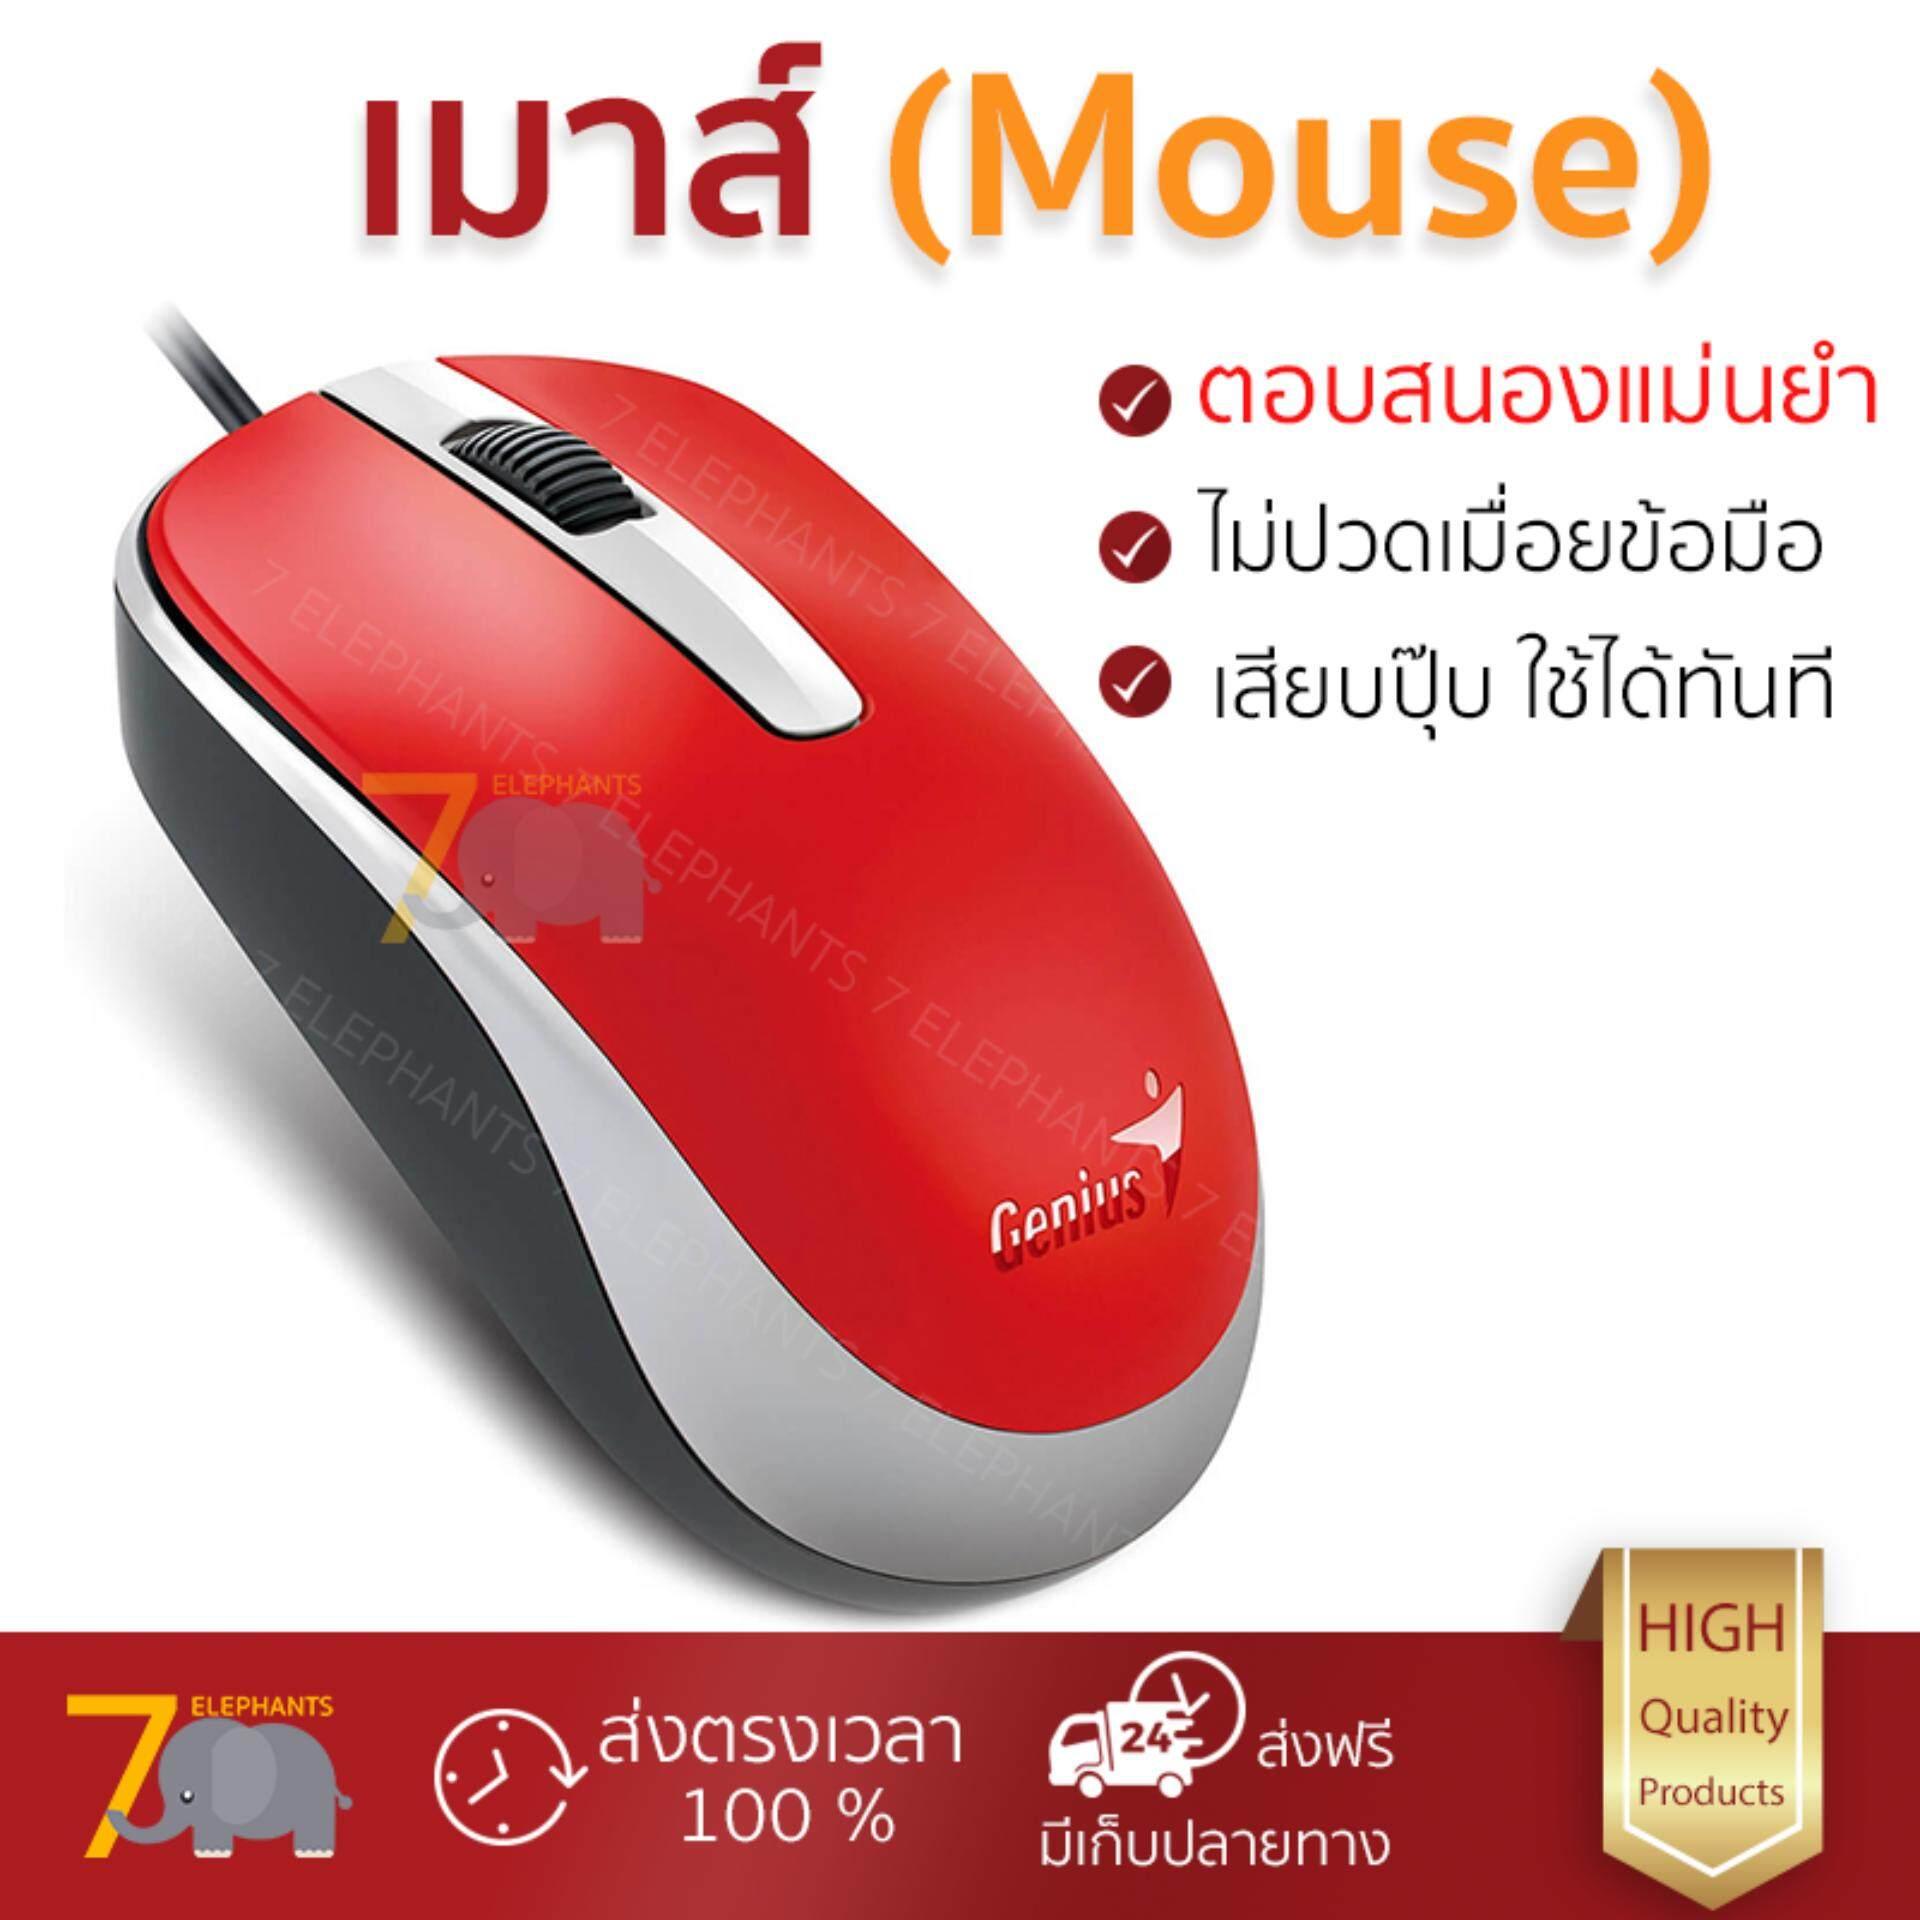 ขายดีมาก! รุ่นใหม่ล่าสุด เมาส์           GENIUS เมาส์ (สีแดง) รุ่น DX-120             เซนเซอร์คุณภาพสูง ทำงานได้ลื่นไหล ไม่มีสะดุด Computer Mouse  รับประกันสินค้า 1 ปี จัดส่งฟรี Kerry ทั่วประเทศ